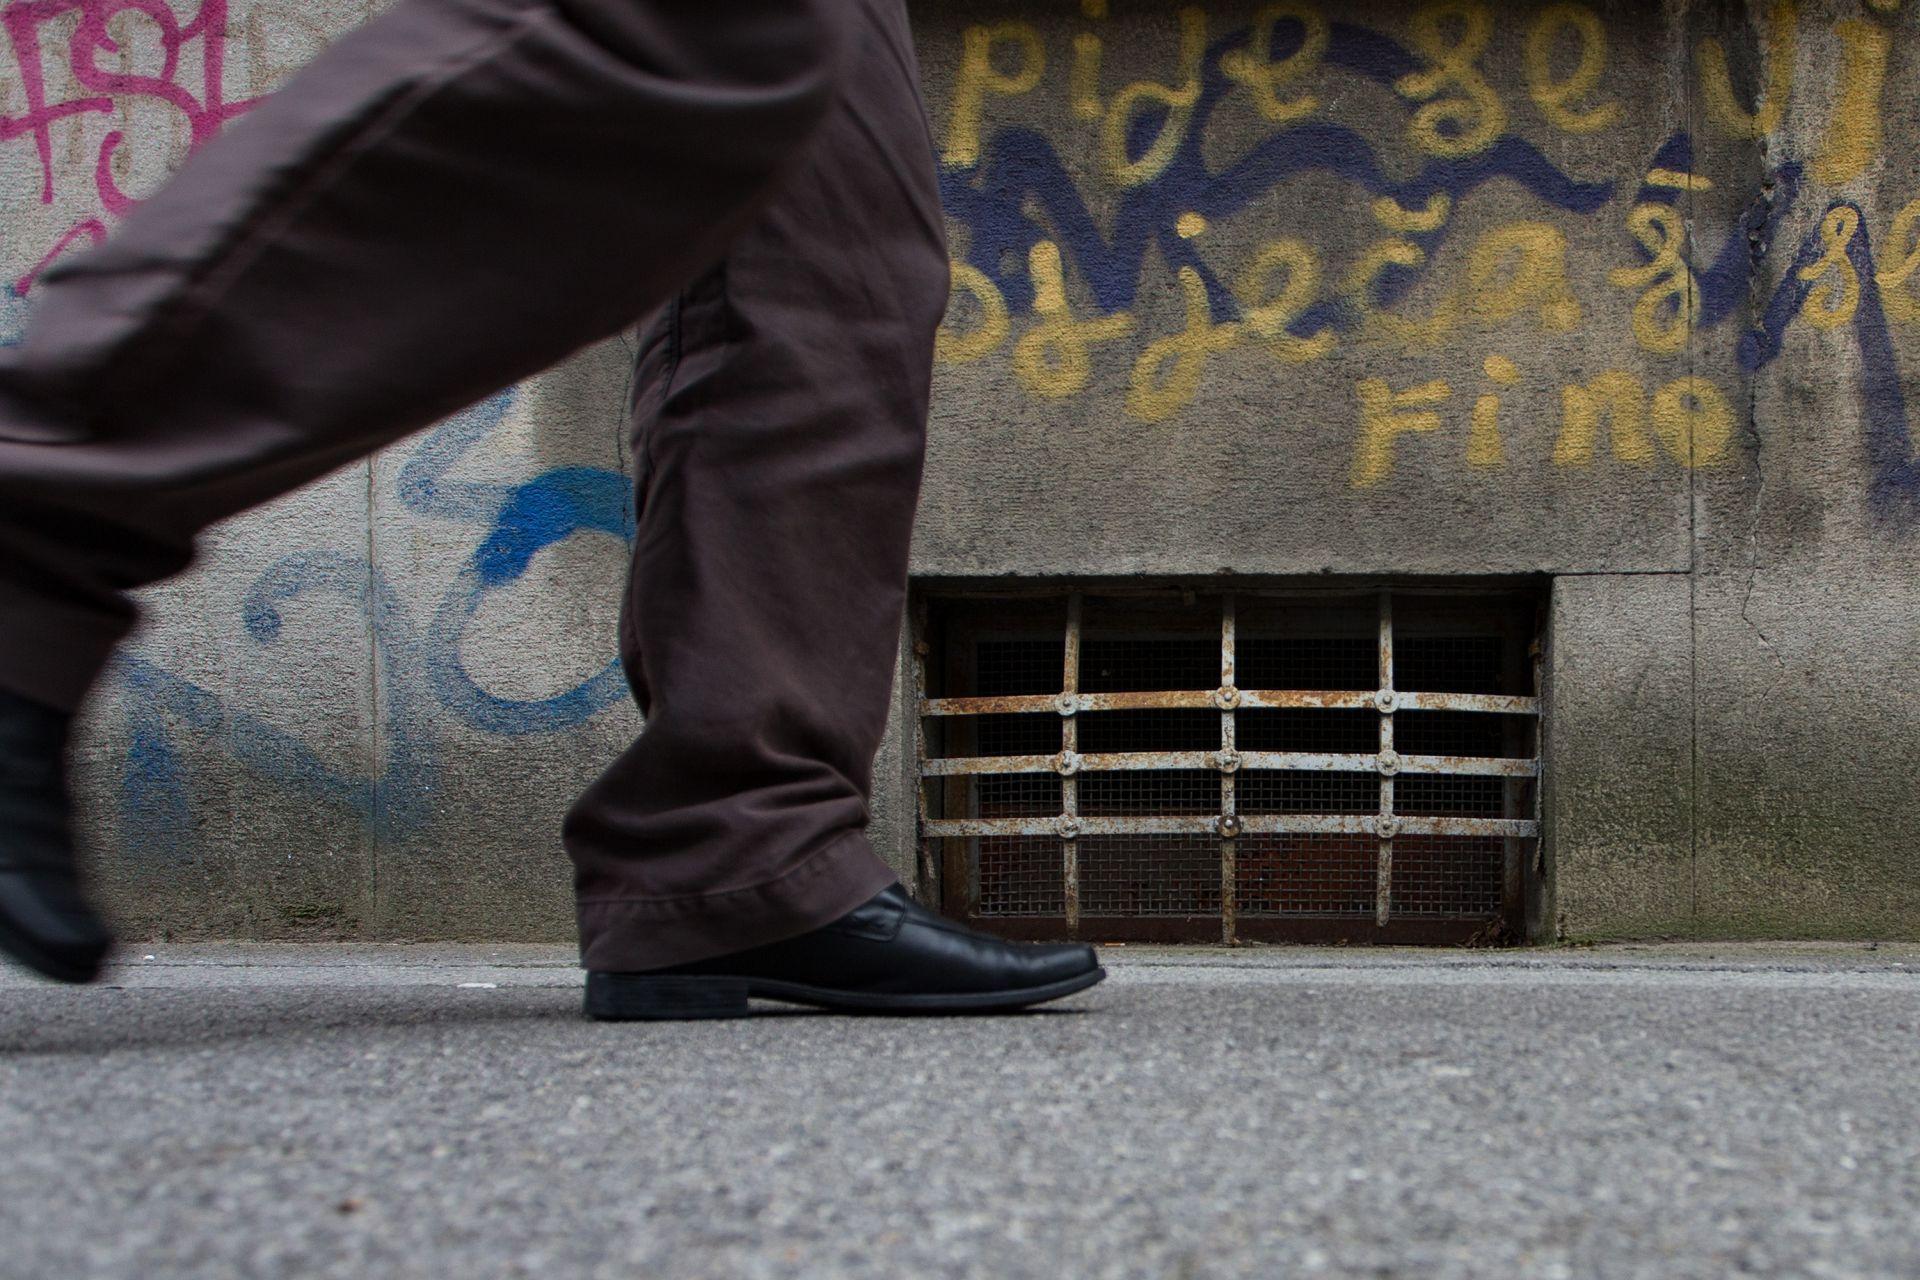 INTERPOLOVA OPERACIJA: Spašeno više od 2.700 žrtava trgovine ljudima